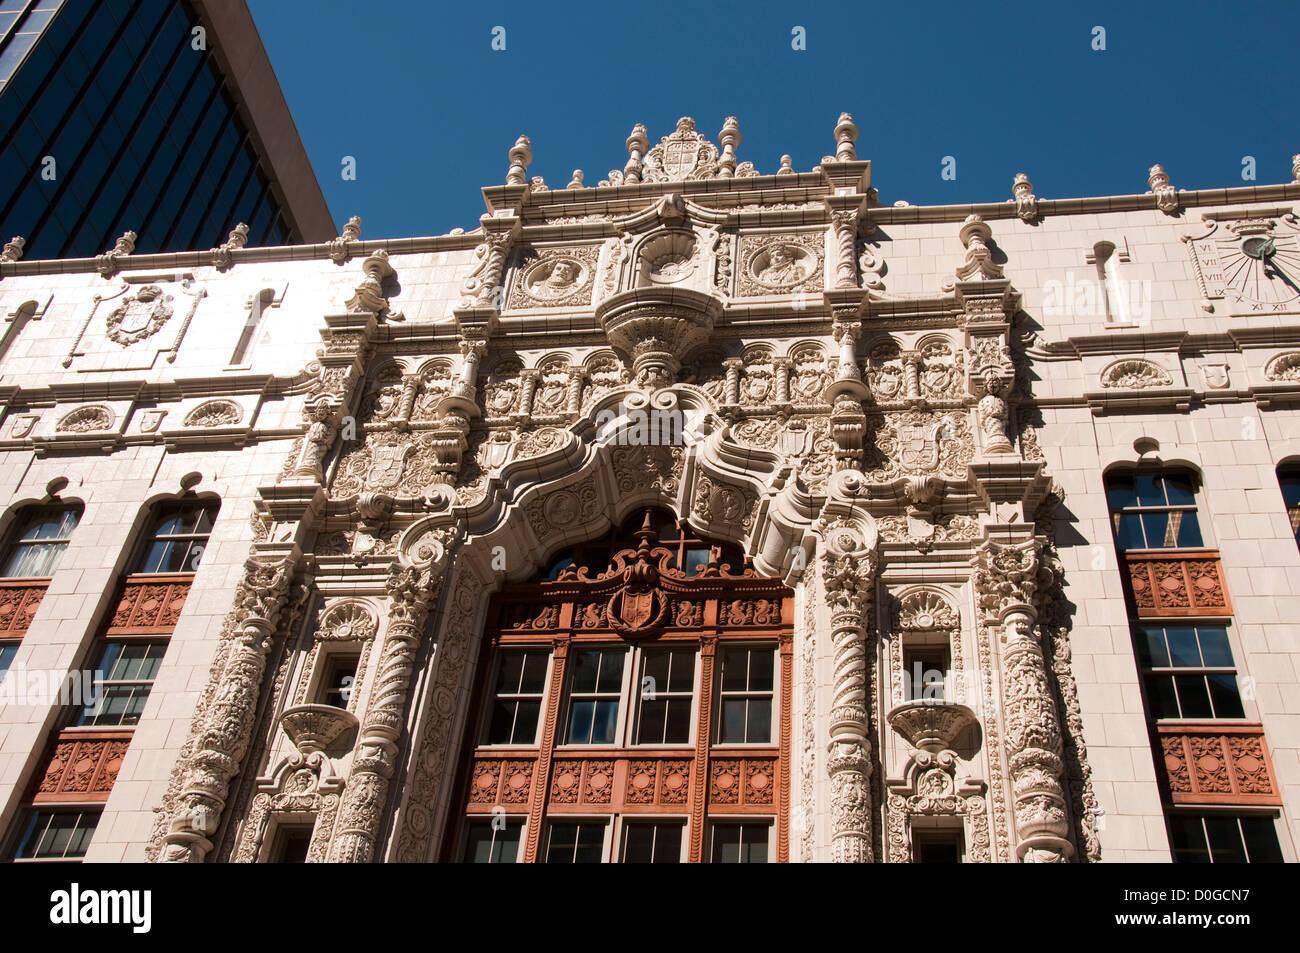 Estados Unidos del Norte de América, Indianapolis, Indiana, el centro de arquitectura. Imagen De Stock